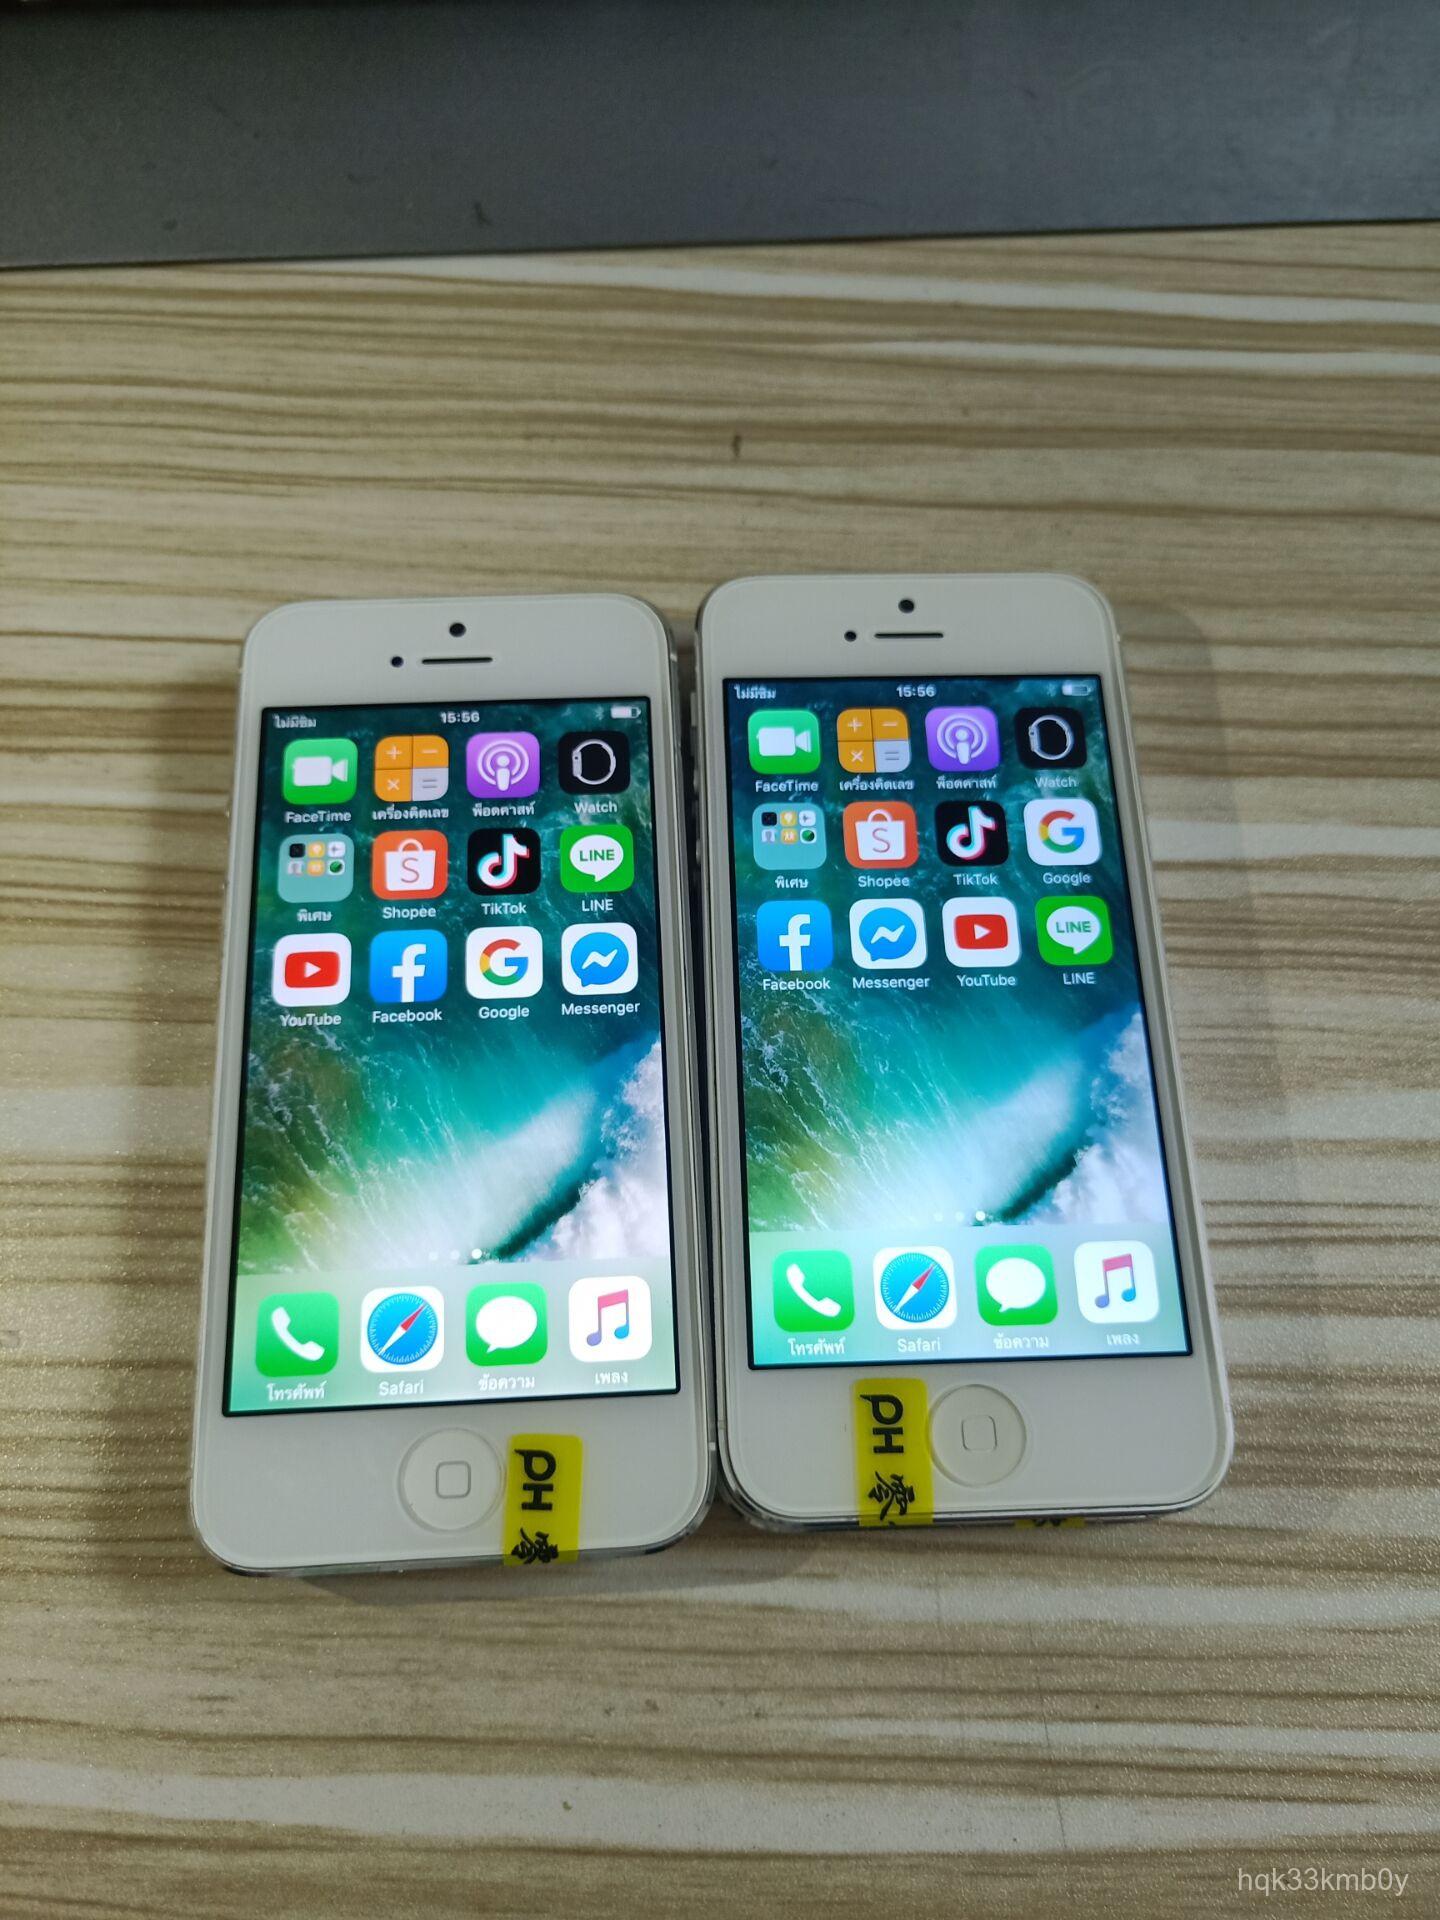 แอปเปิ้ล Apple iPhone 5S  มือถือราคาถูก ไอโฟน5มือ2 โทรศัพท์มือถือ 16G มือถือราคาถูก โทรศัพท์แท้ โทรศัพท์มือสอง iPhone 5